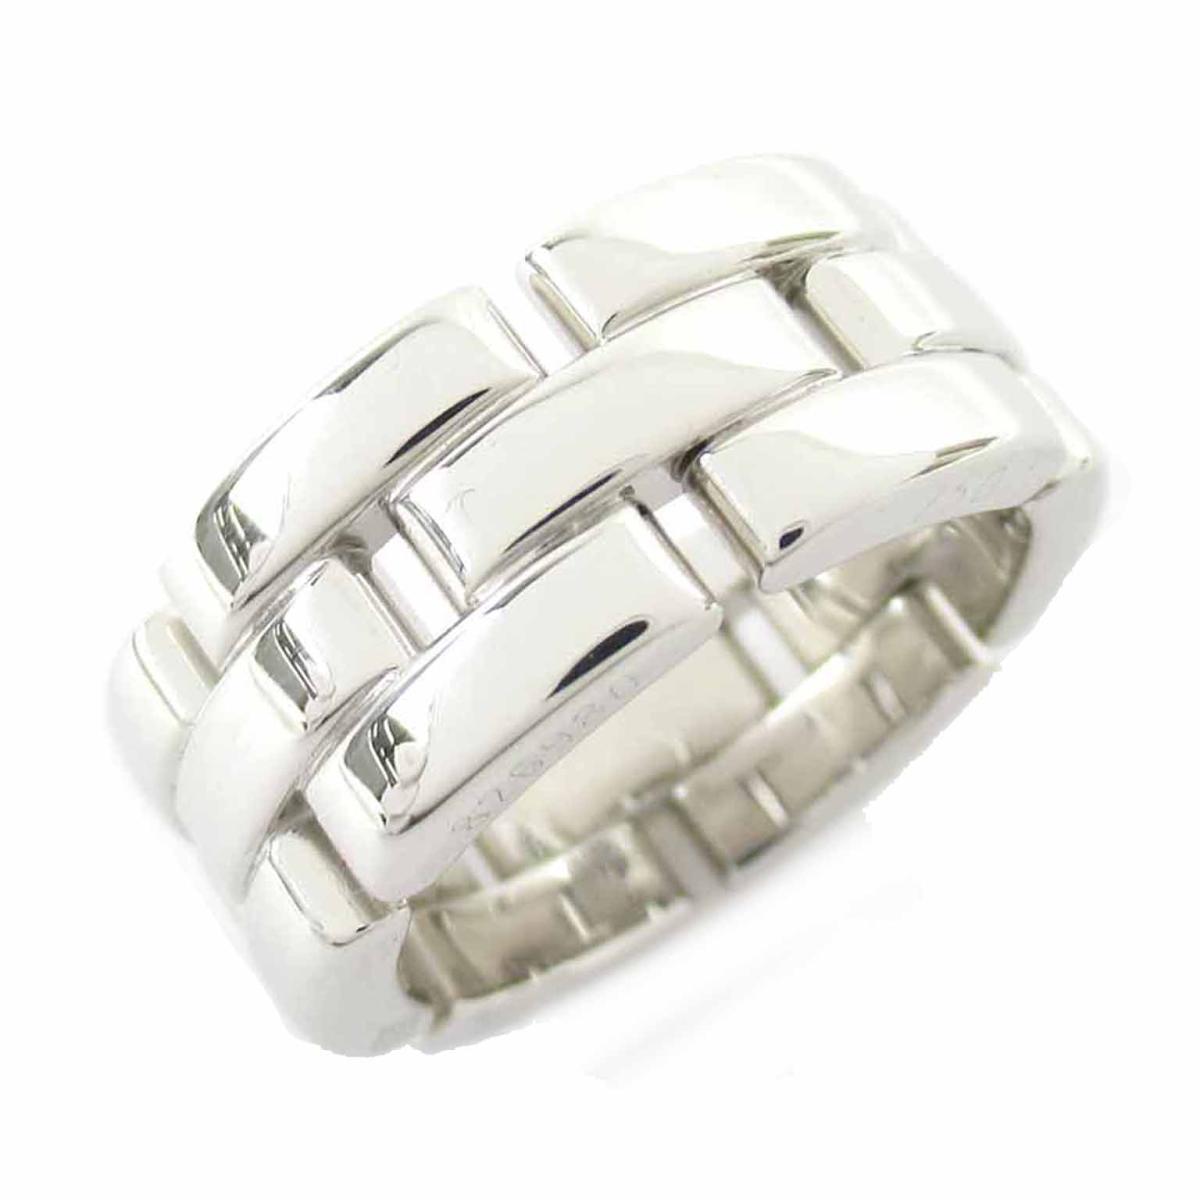 【中古】 カルティエ パンテールリング 指輪 レディース K18WG (750) ホワイトゴールド | Cartier BRANDOFF ブランドオフ ブランド ジュエリー アクセサリー リング